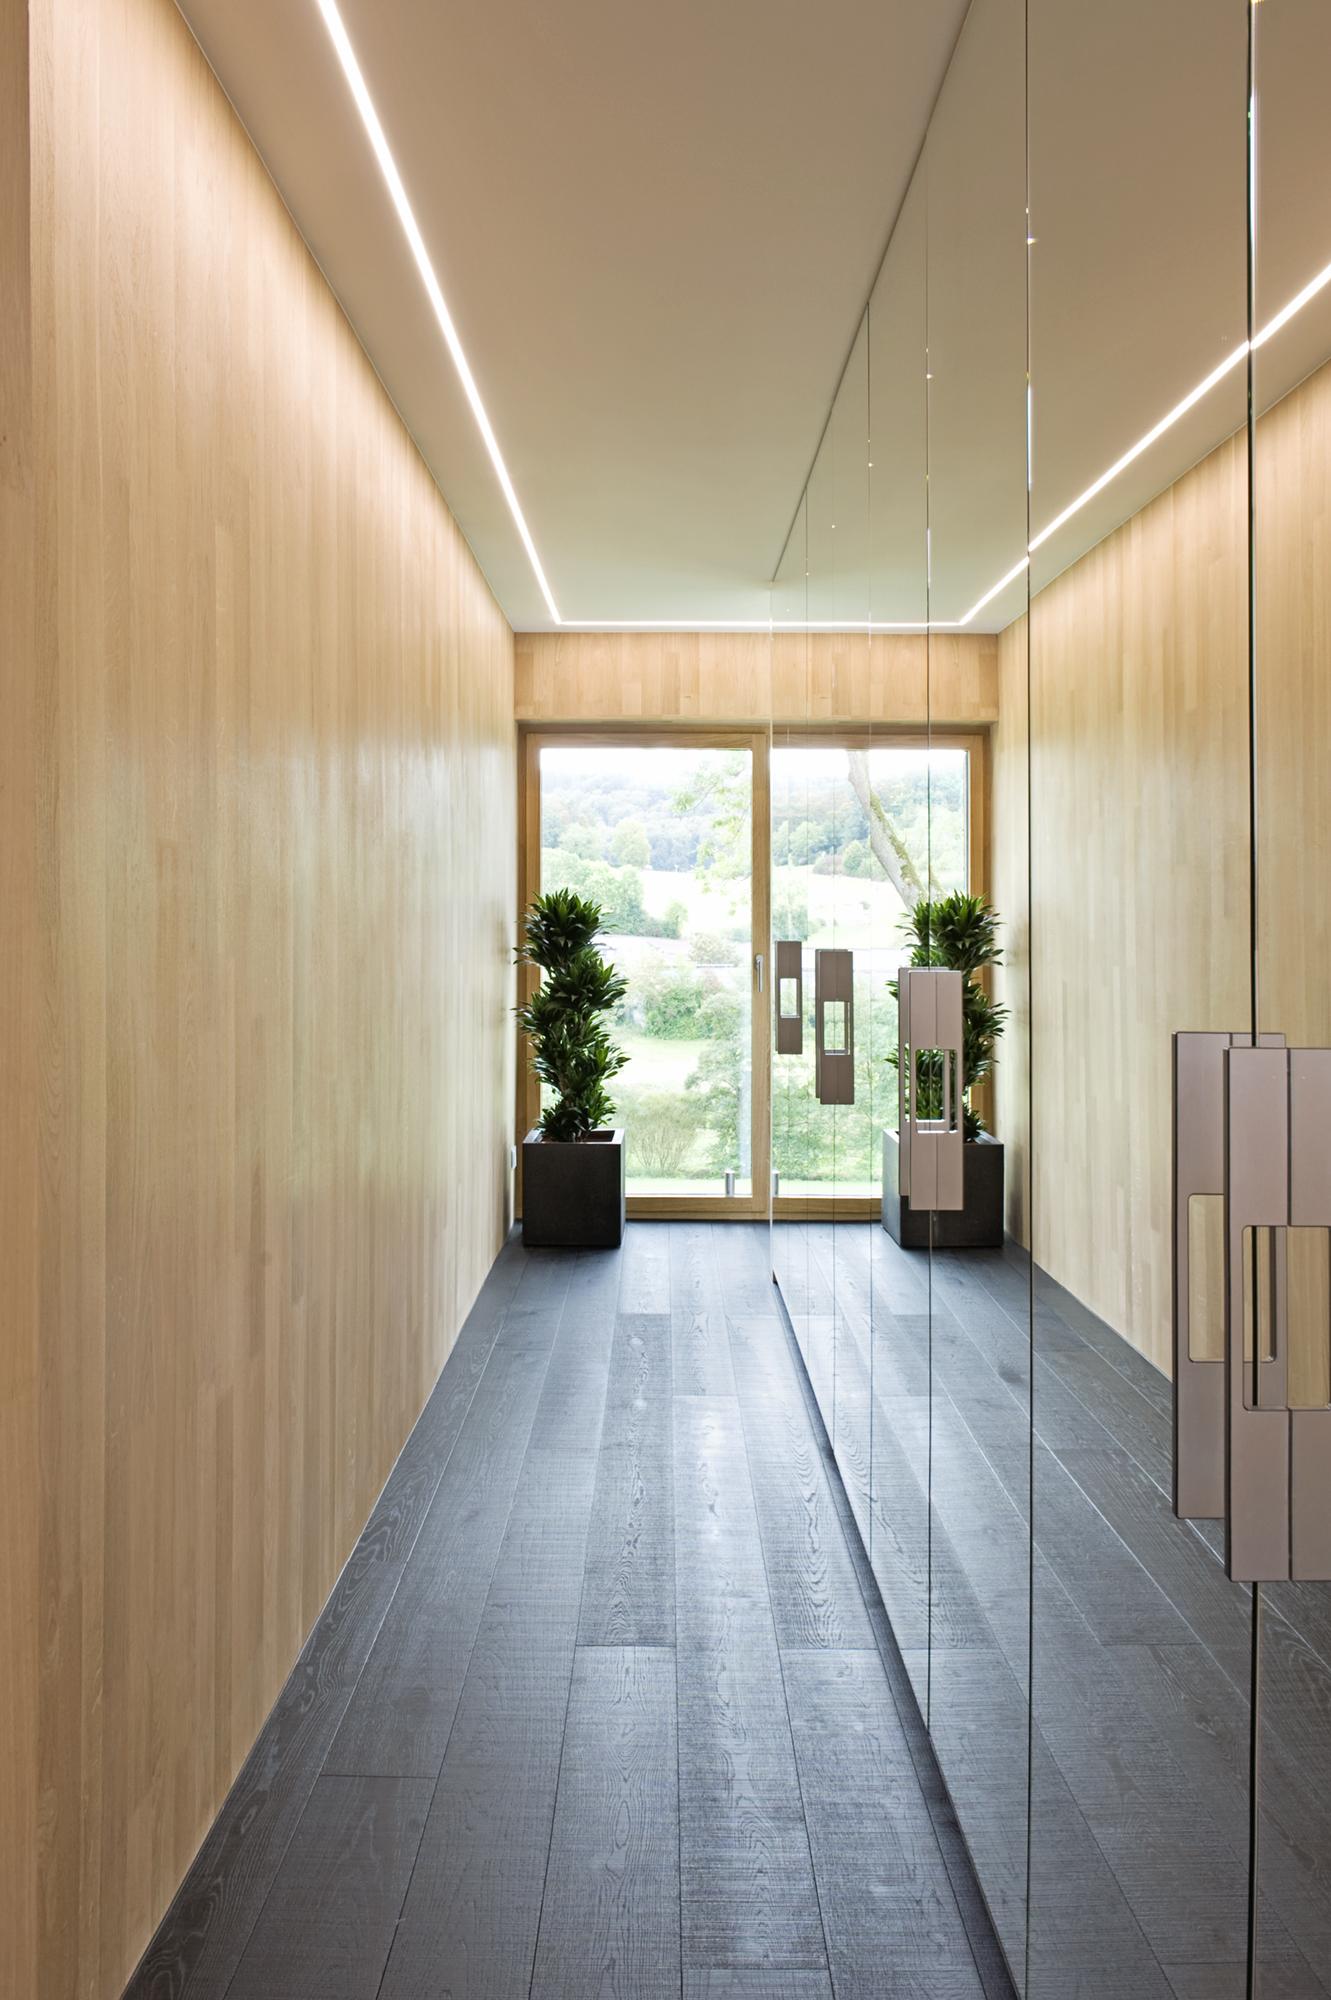 Maison témoin écologique hybride en béton et bois massif au lotissement «Koppelwee I» à Mersch.